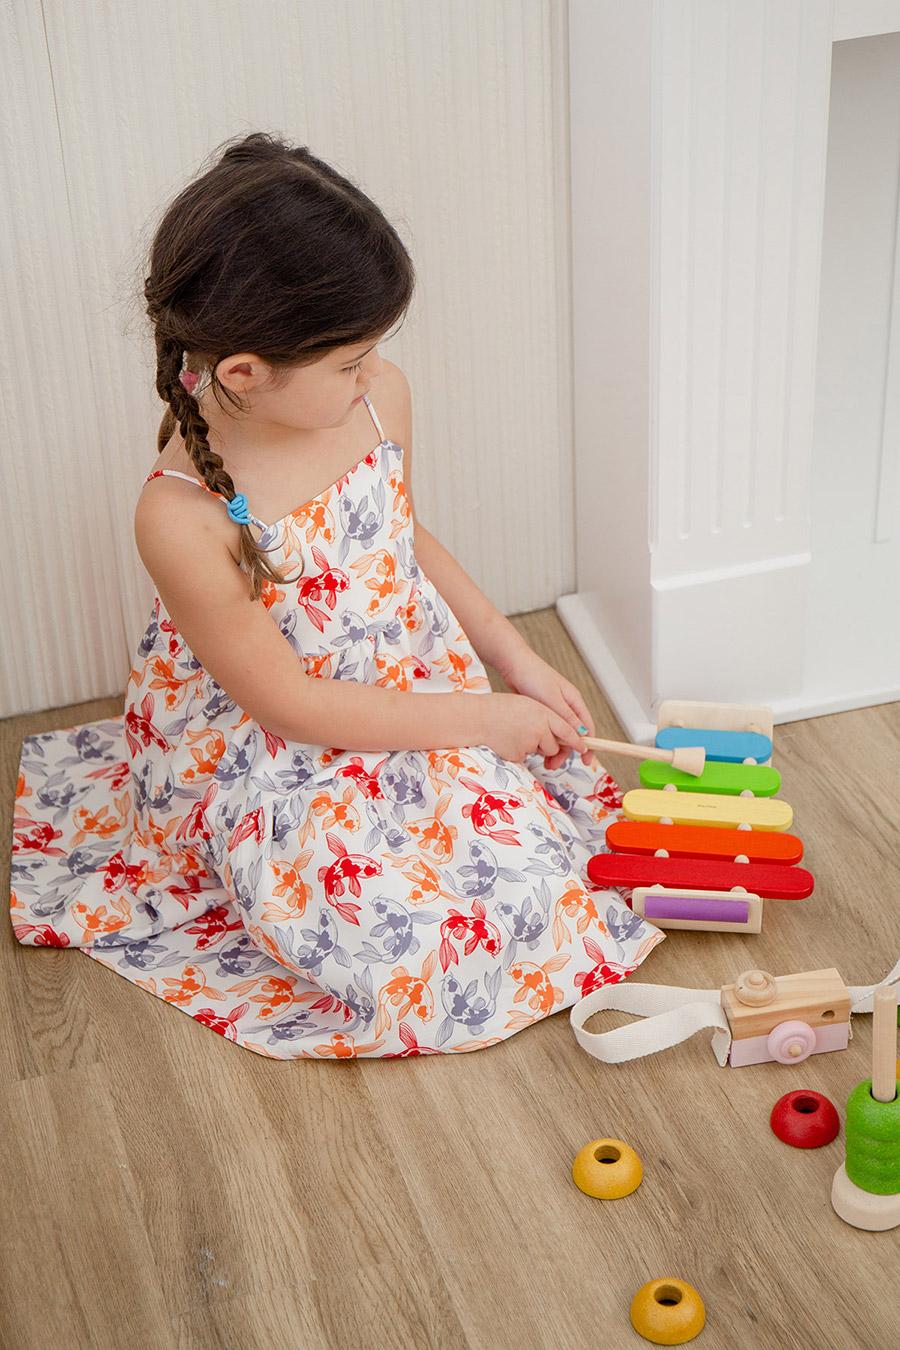 OLIVIA JUNIOR DRESS - KINGYO [BY MODPARADE]